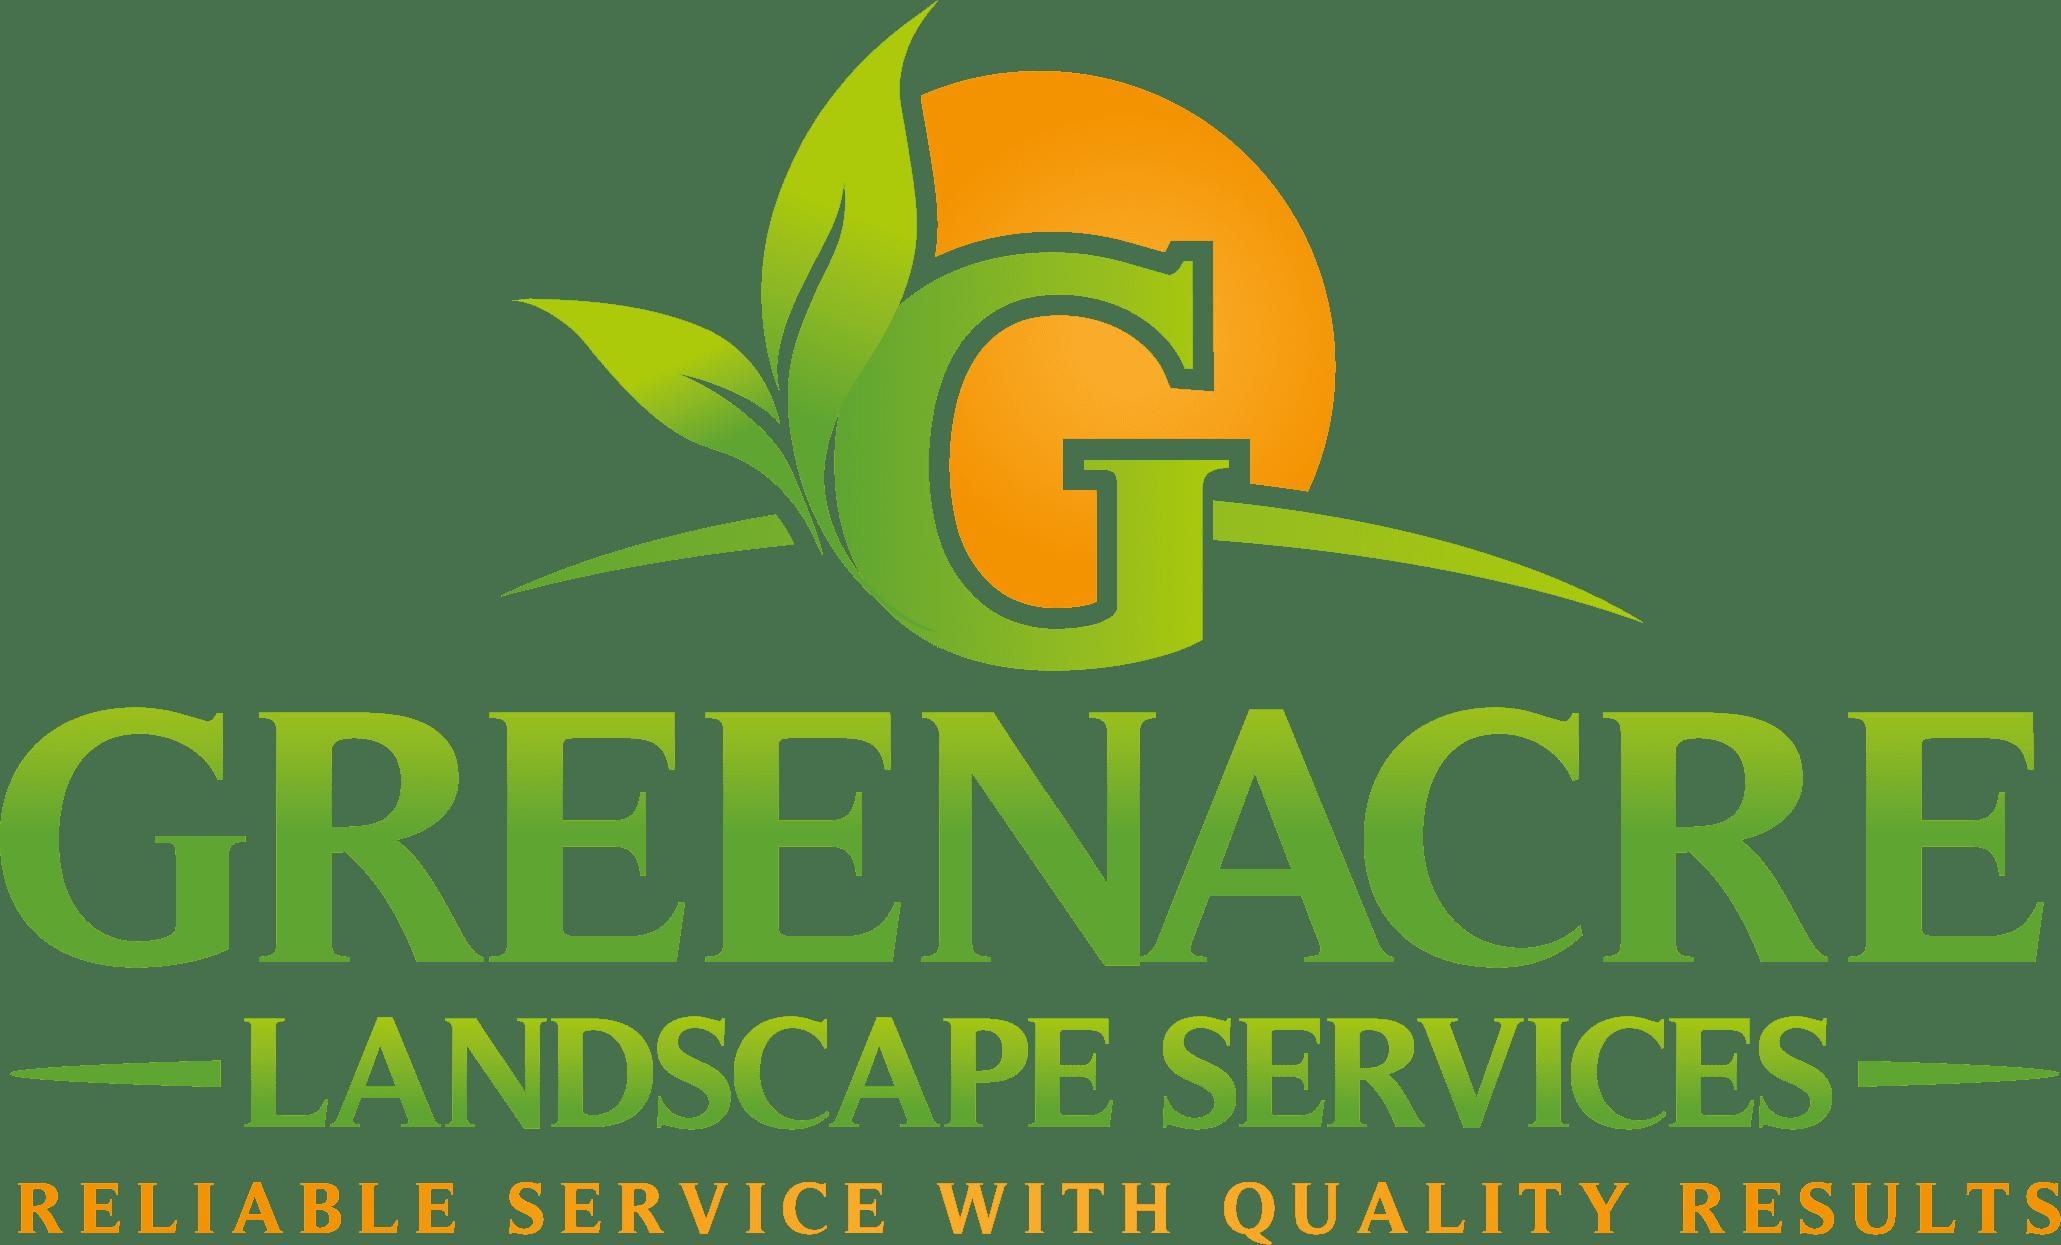 Greenacre Landscape Services